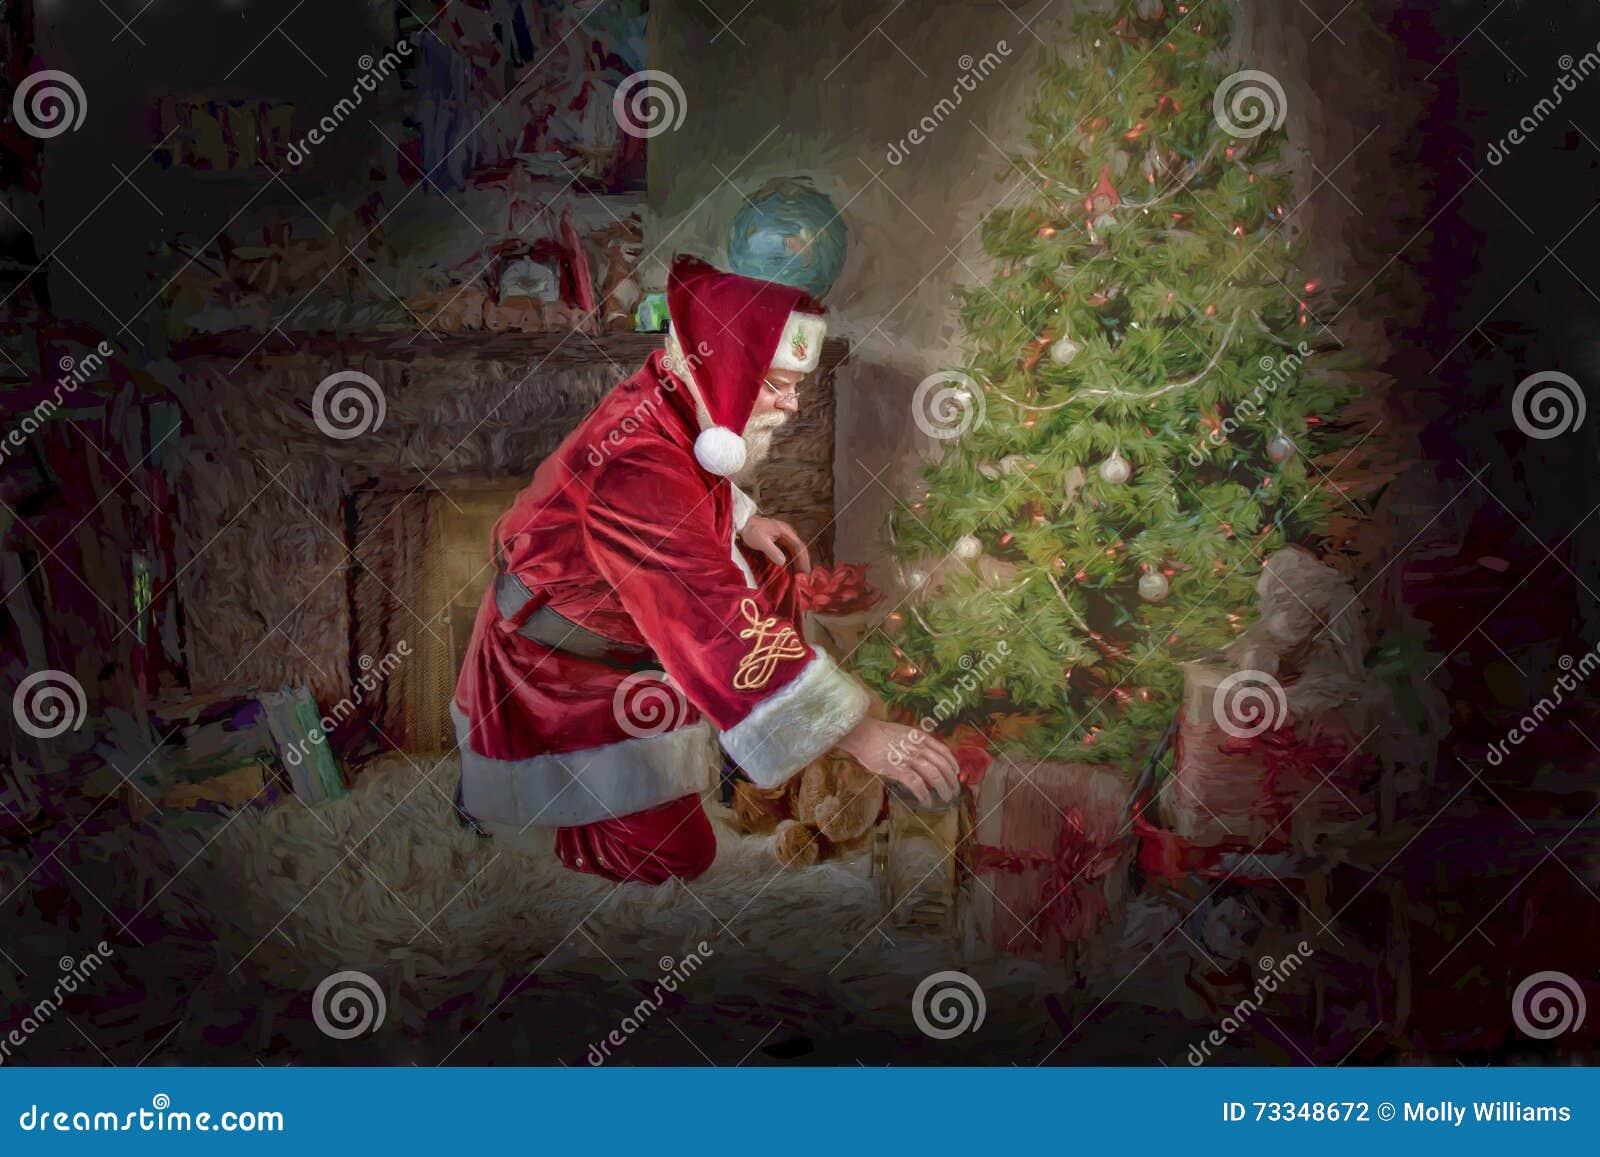 Santa Claus Under Christmas Tree Stock Image